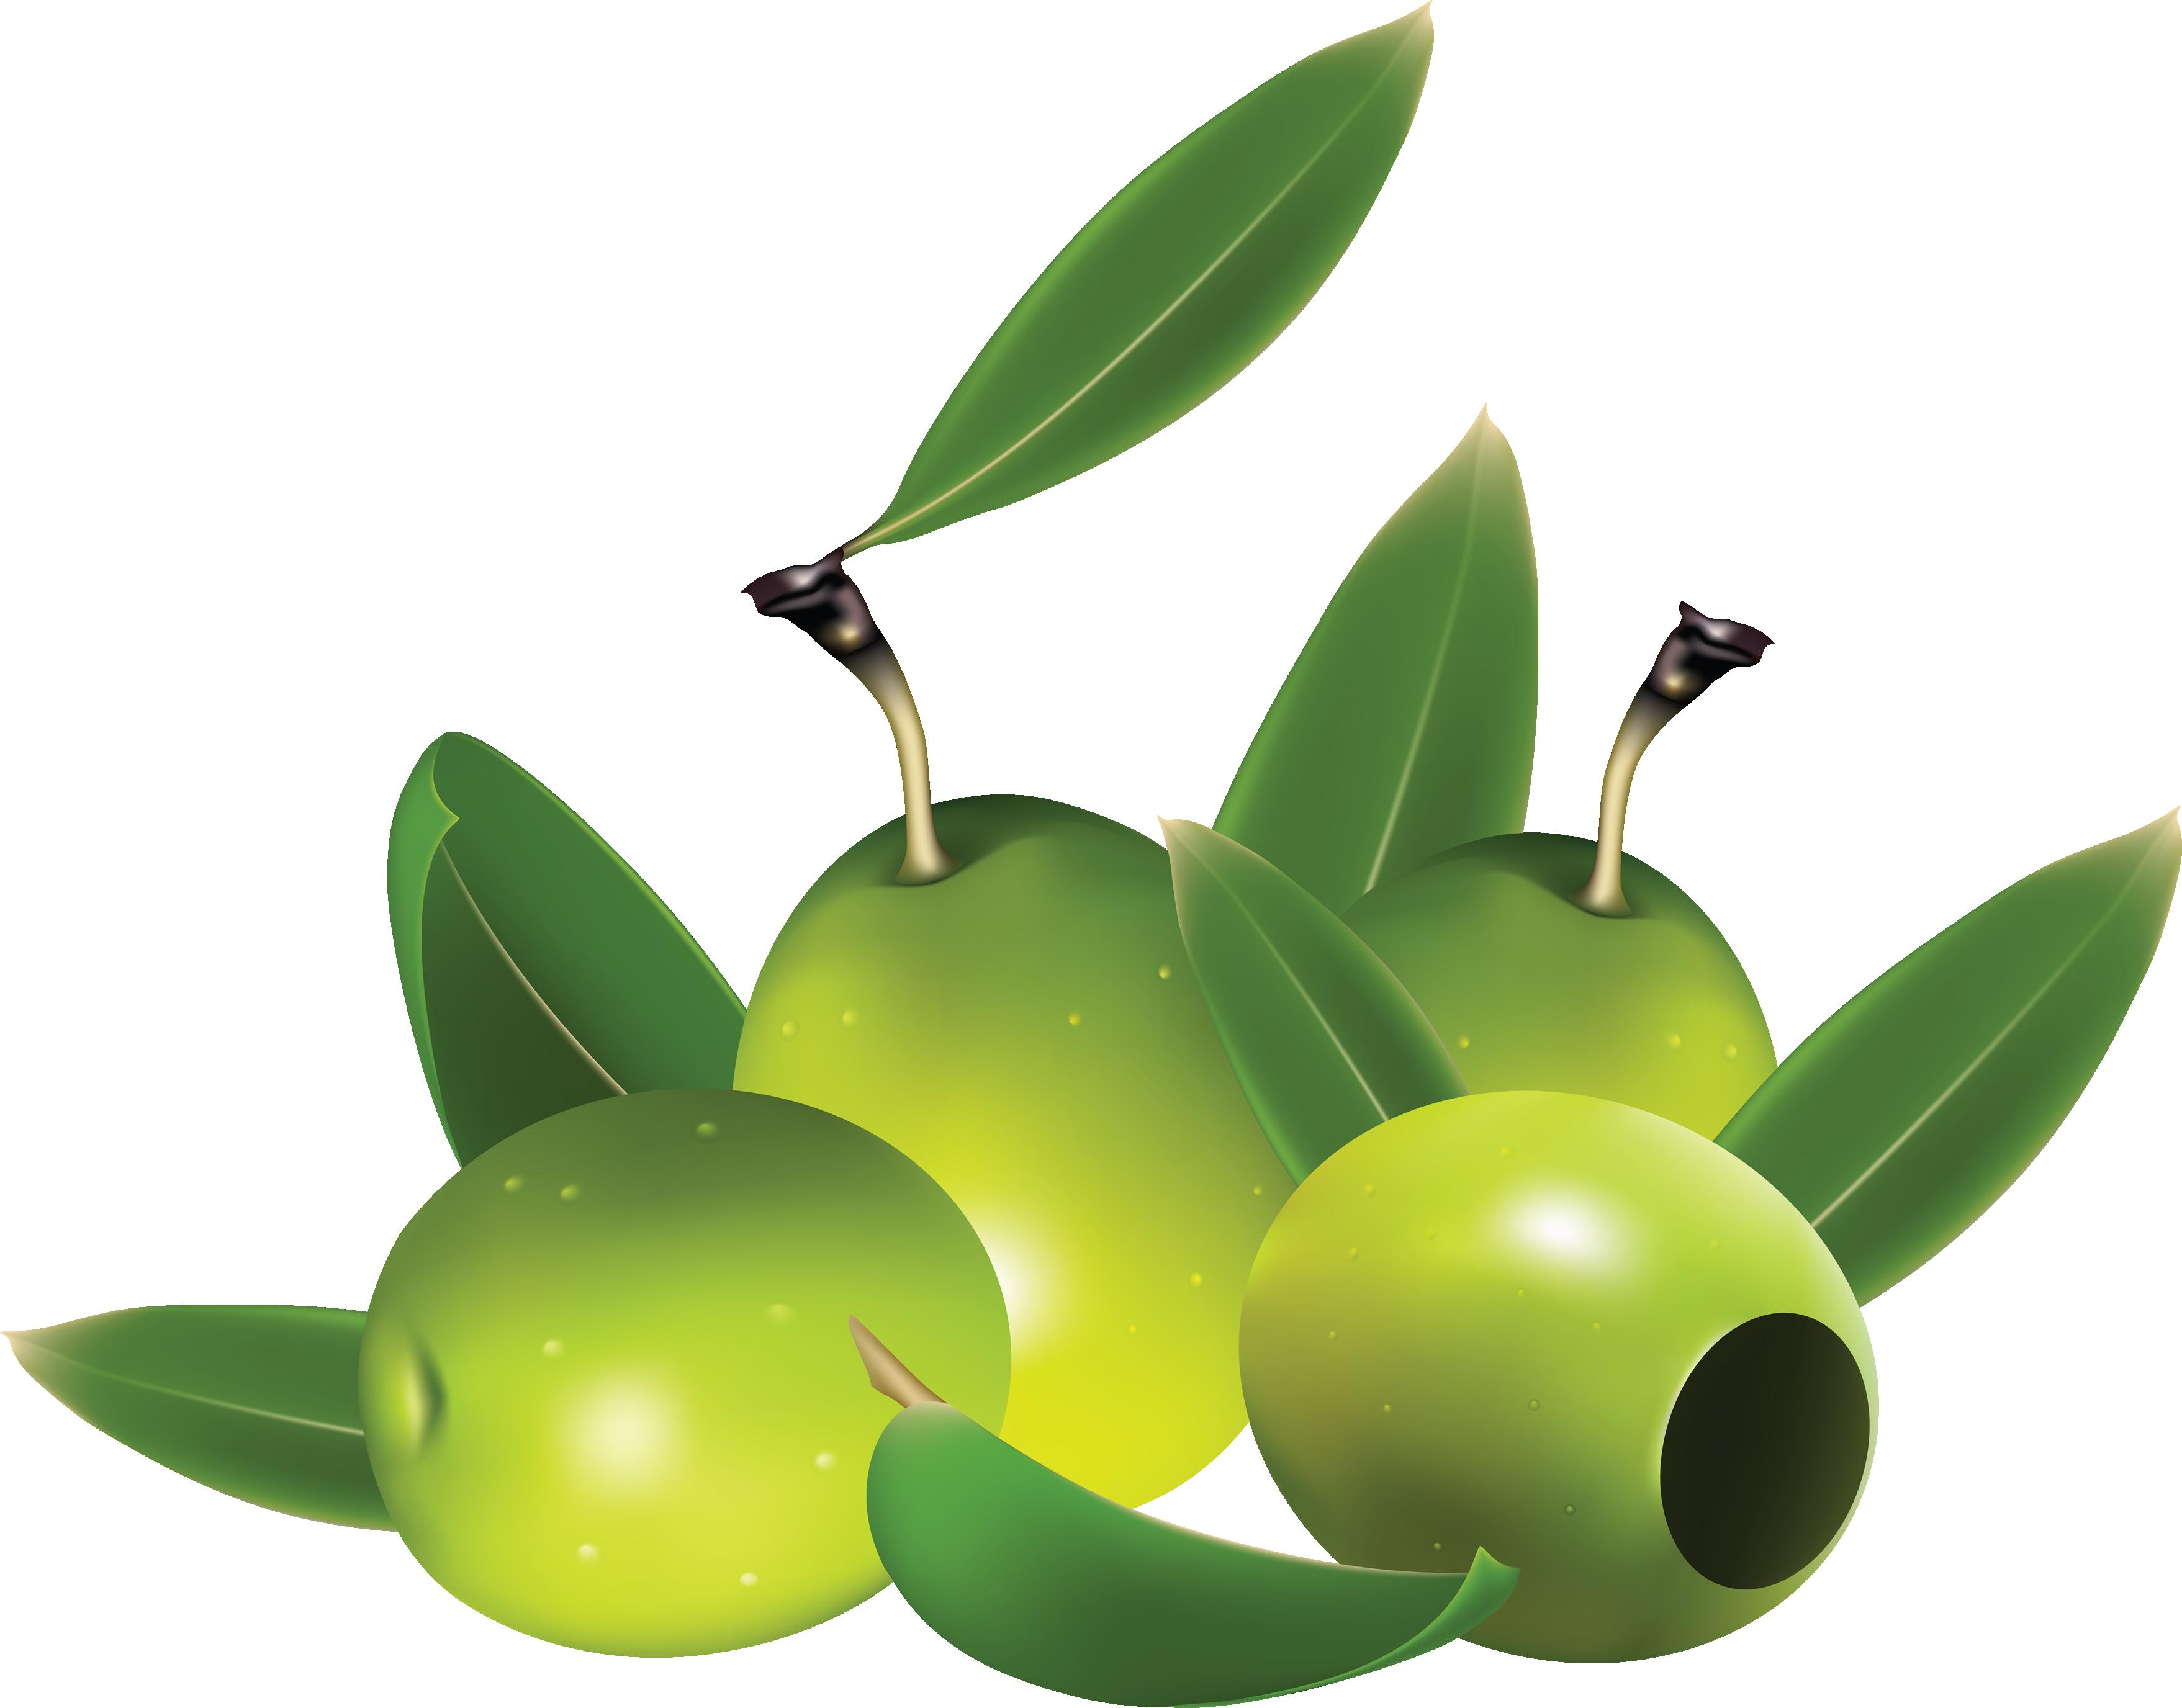 Olive clipart green olive Download images olive Olives PNG